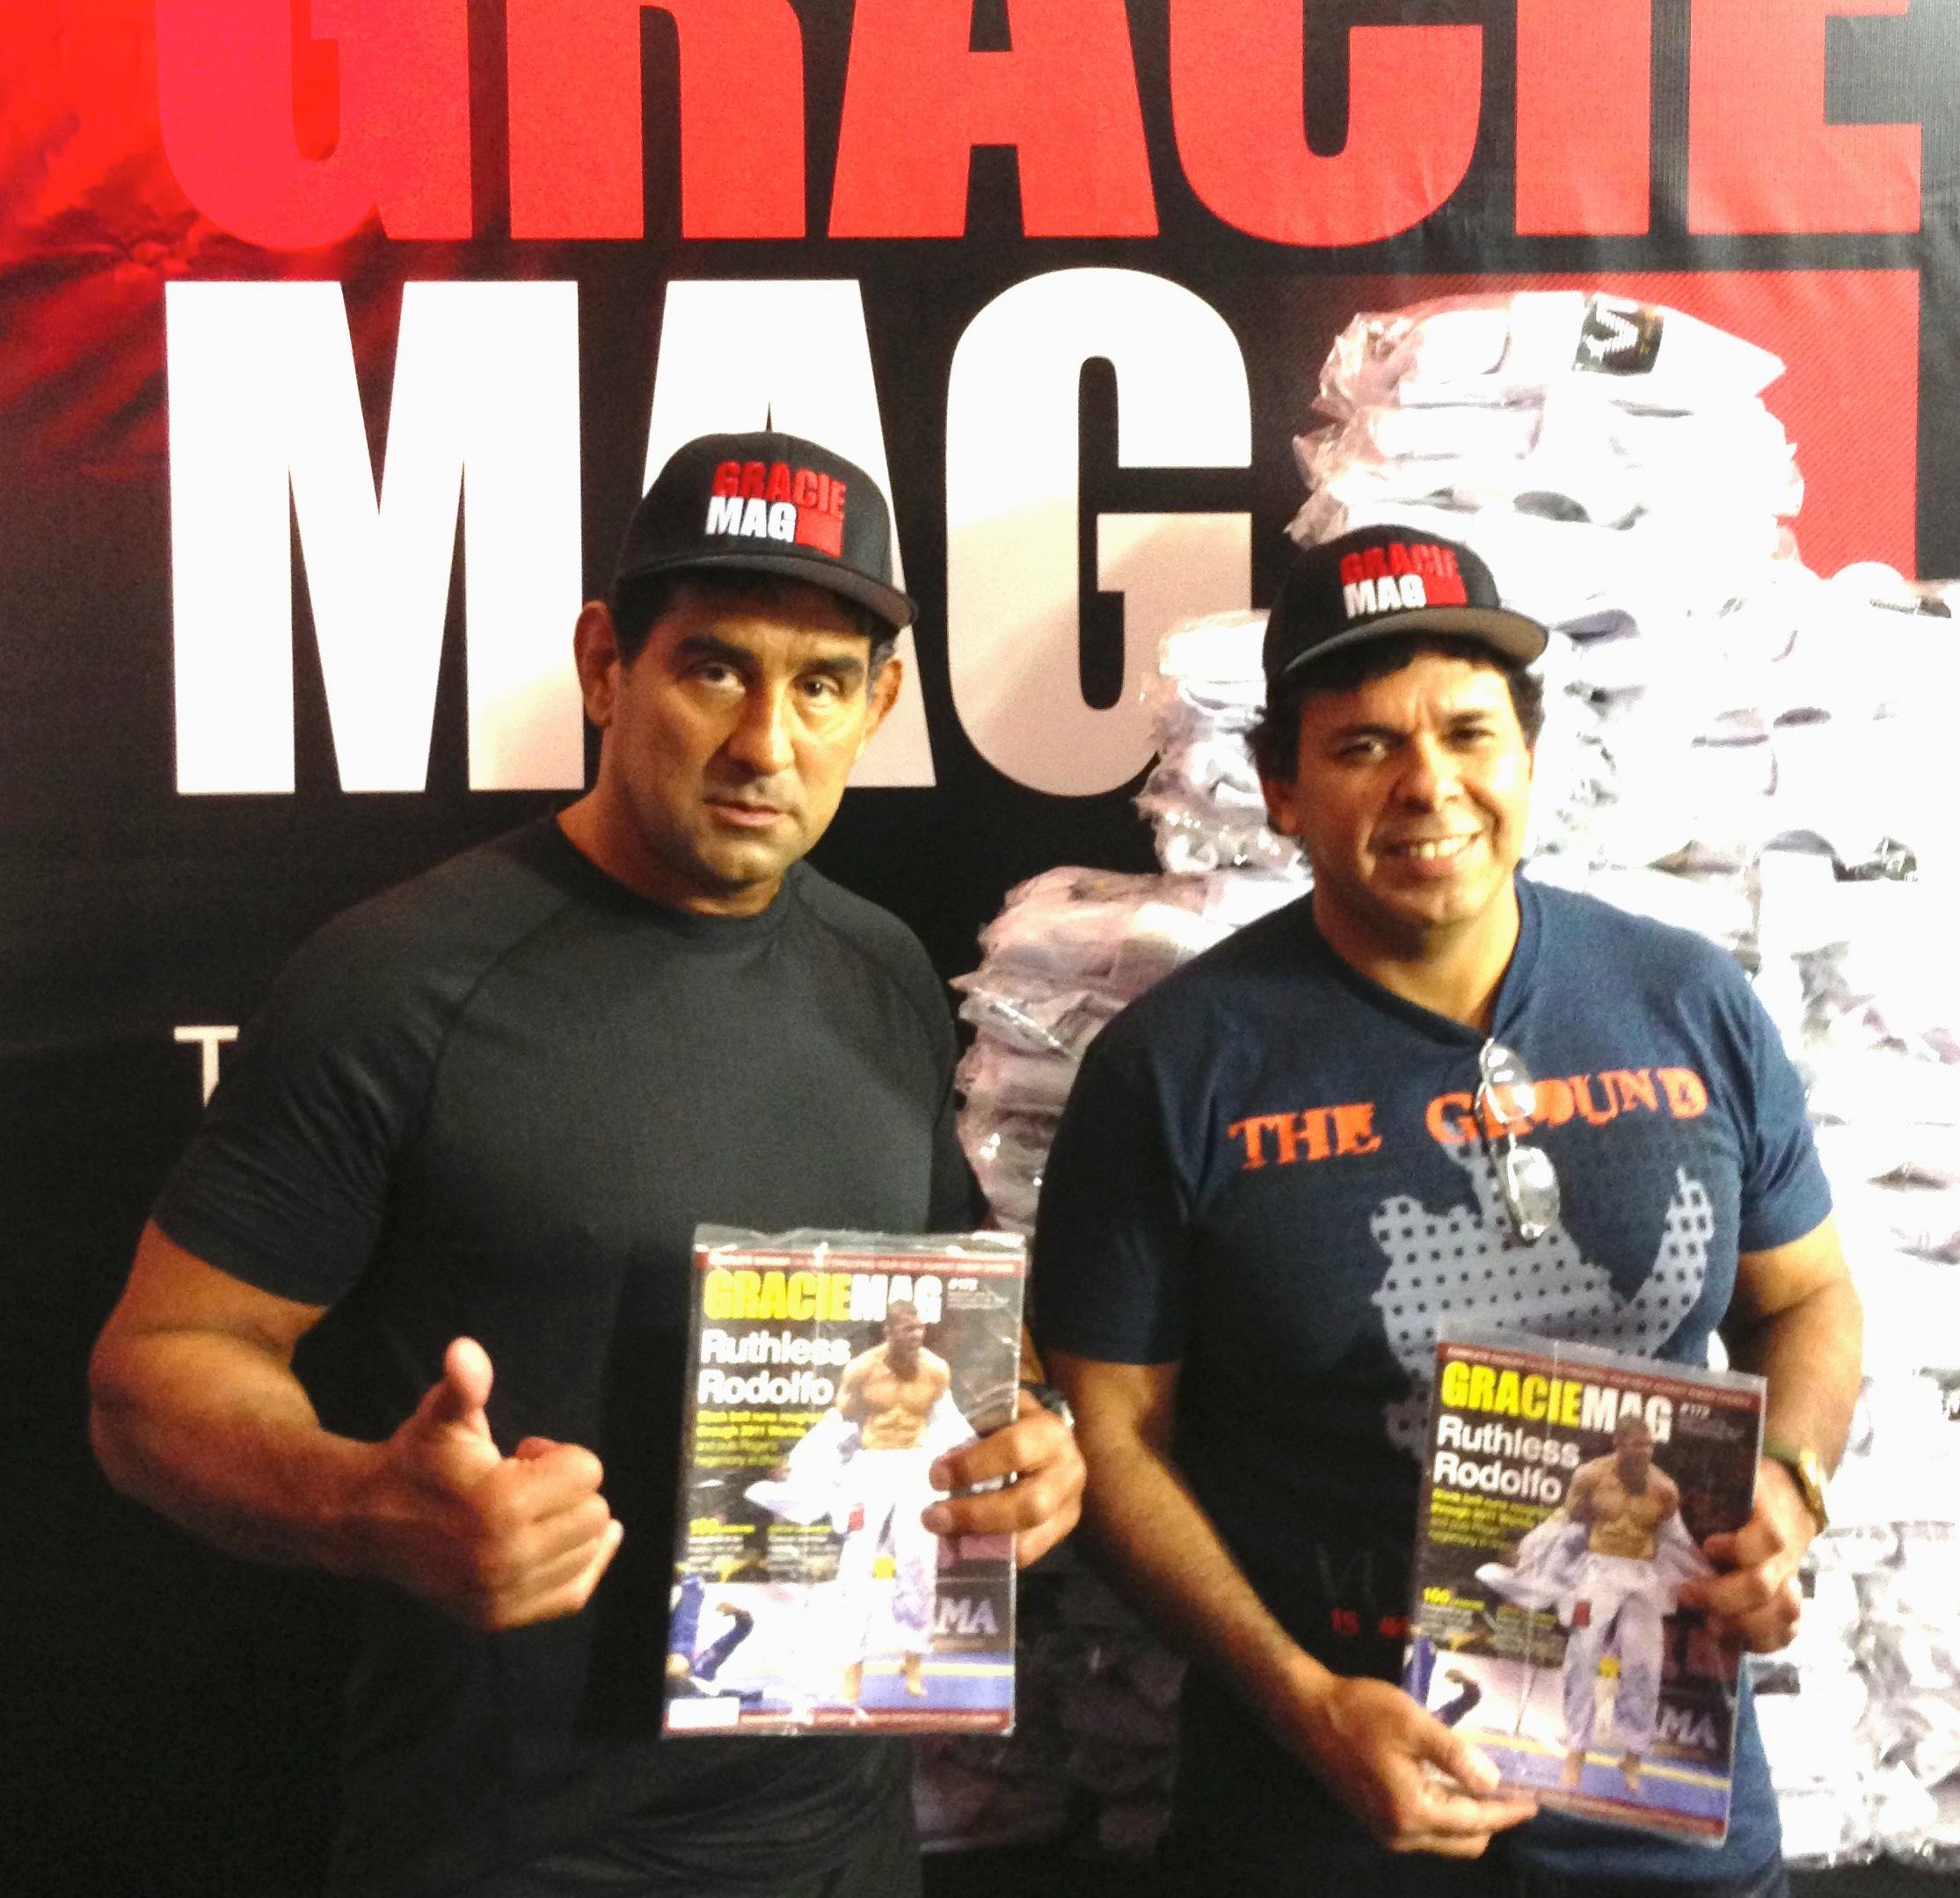 Marco Ruas e Joe Moreira nos bastidores do último Mundial de Jiu-Jitsu. A lenda do UFC é fã de Rodolfo, Roberto Cyborg e outras feras do Jiu-Jitsu. Foto: Divulgação